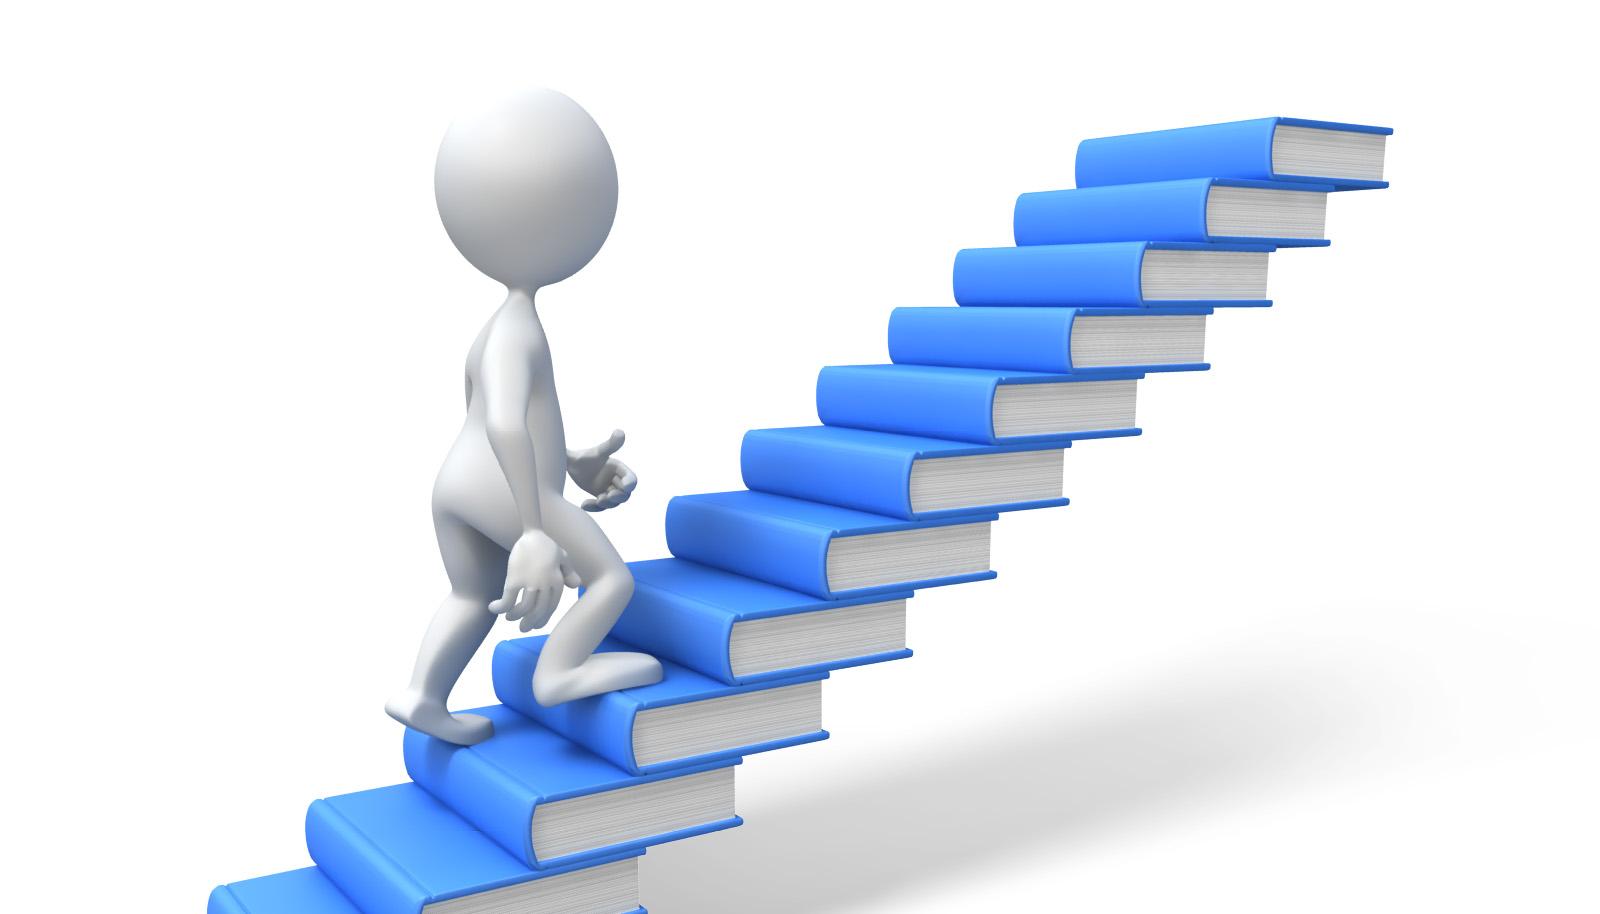 Человечек взбирается по лестнице из книг